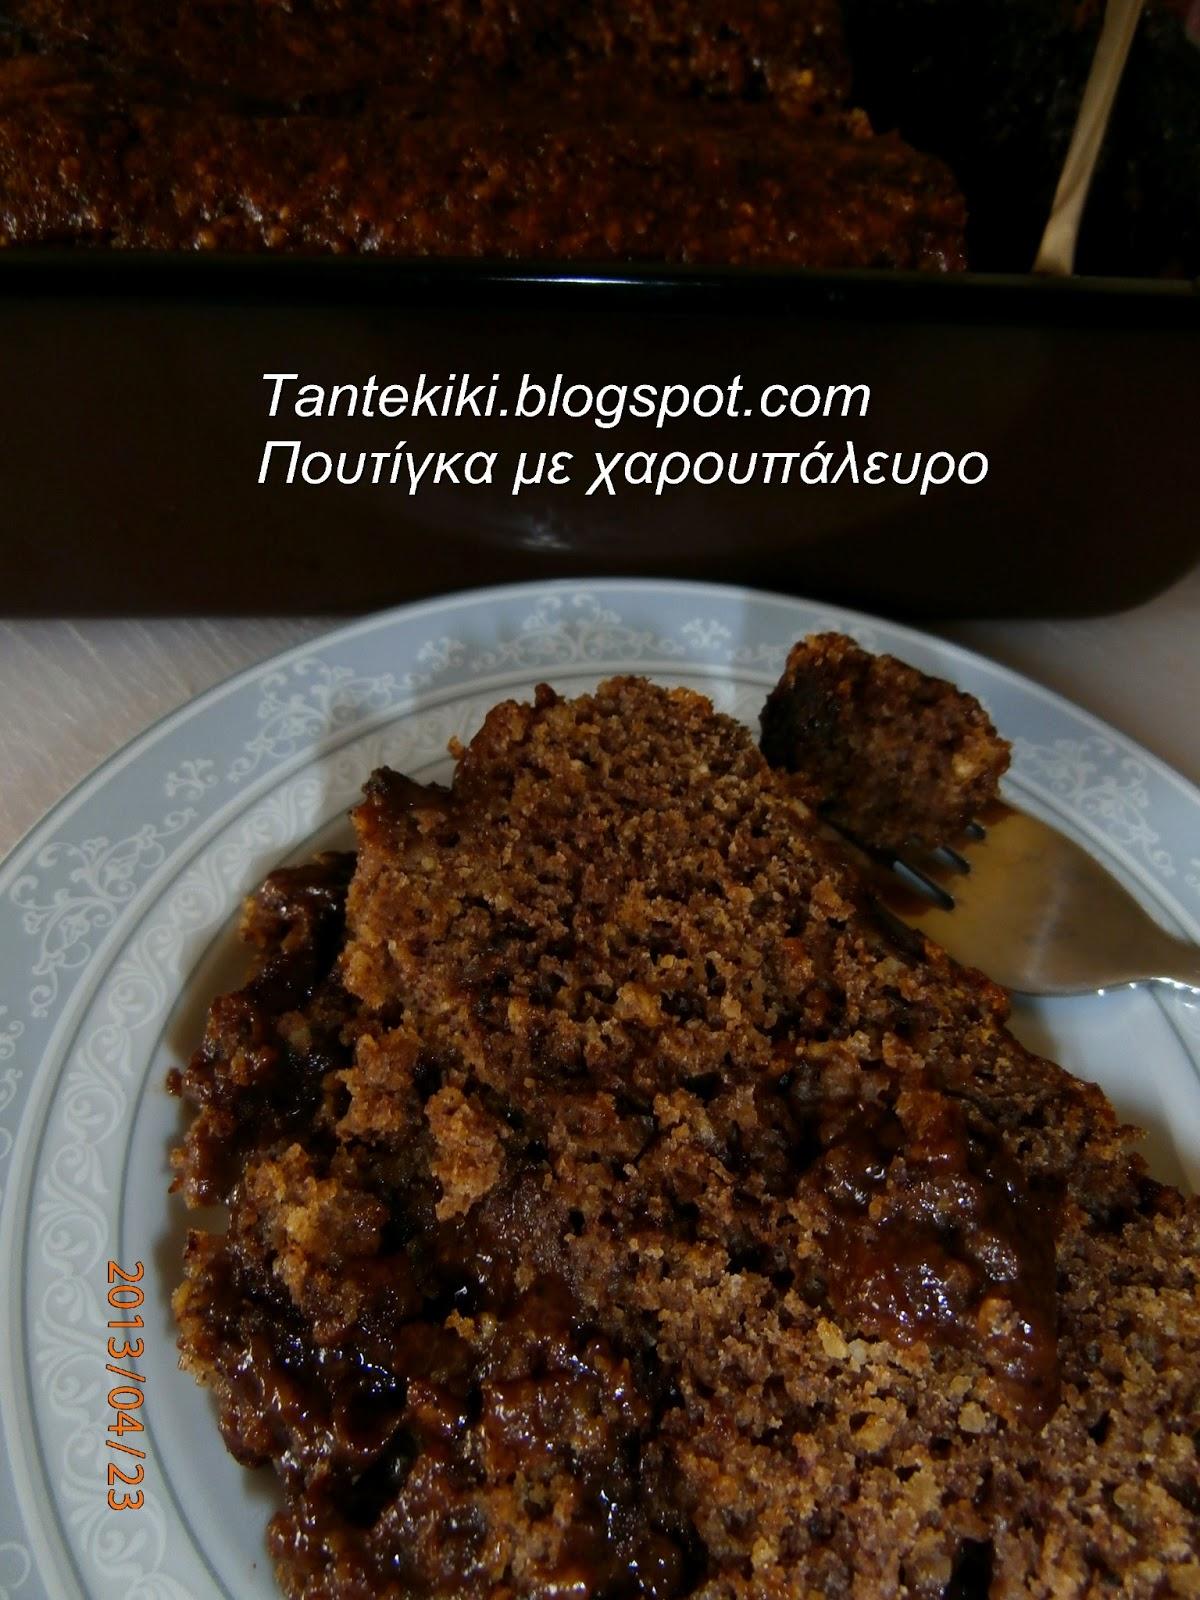 Νηστίσιμη πουτίγκα - κέικ με χαρουποκακάο...